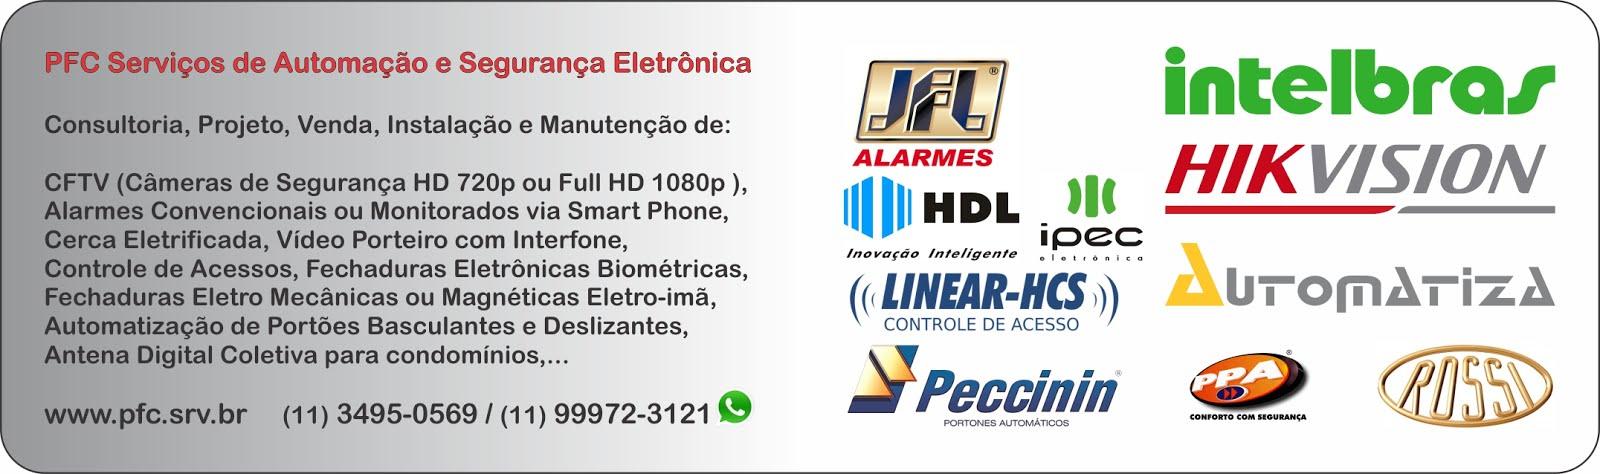 PFC Serviços de Automação e Segurança Eletrônica